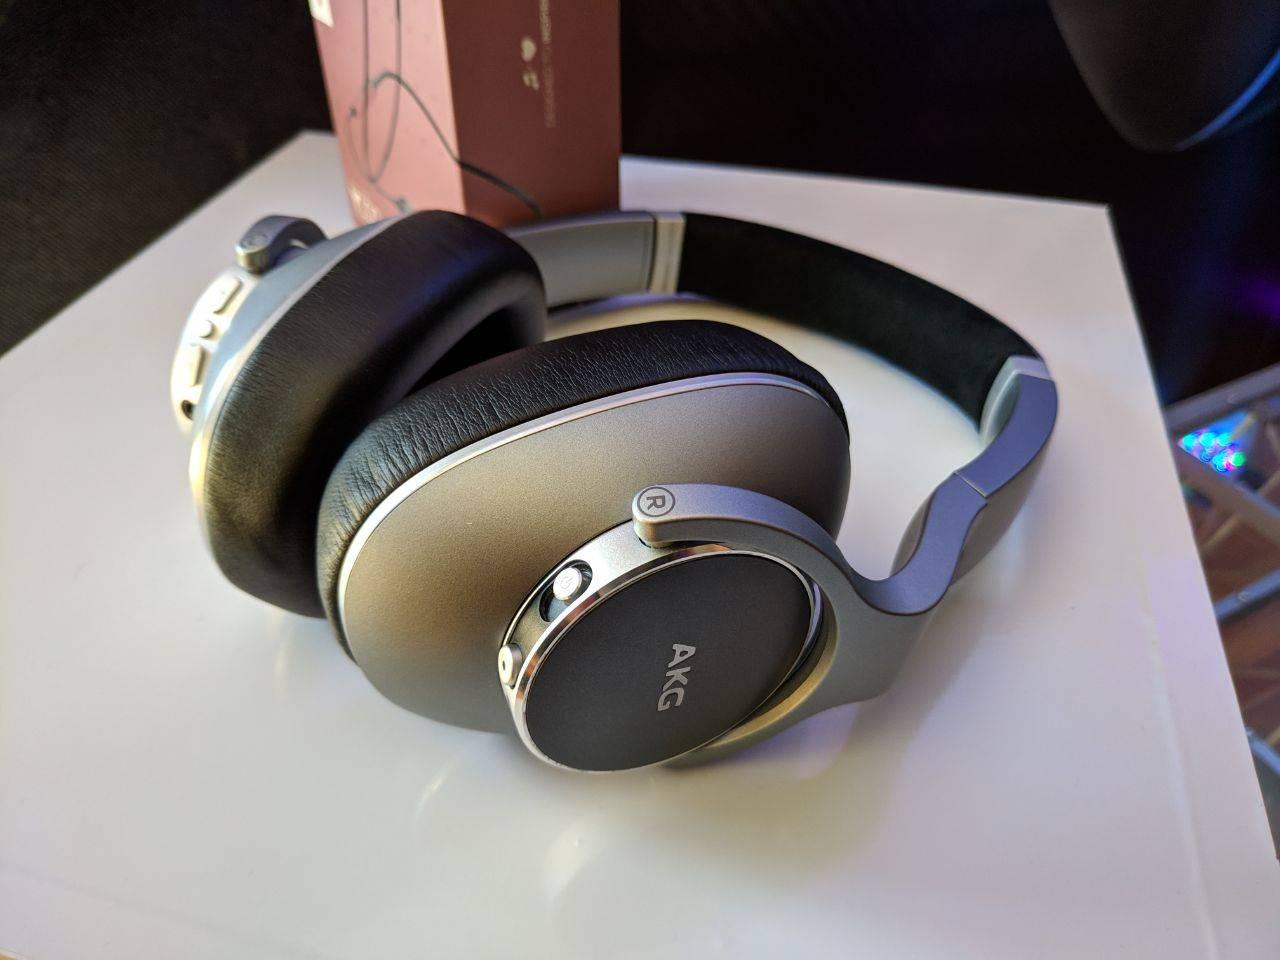 AKG y sus audífonos llegaron a Chile, de la mano de Samsung